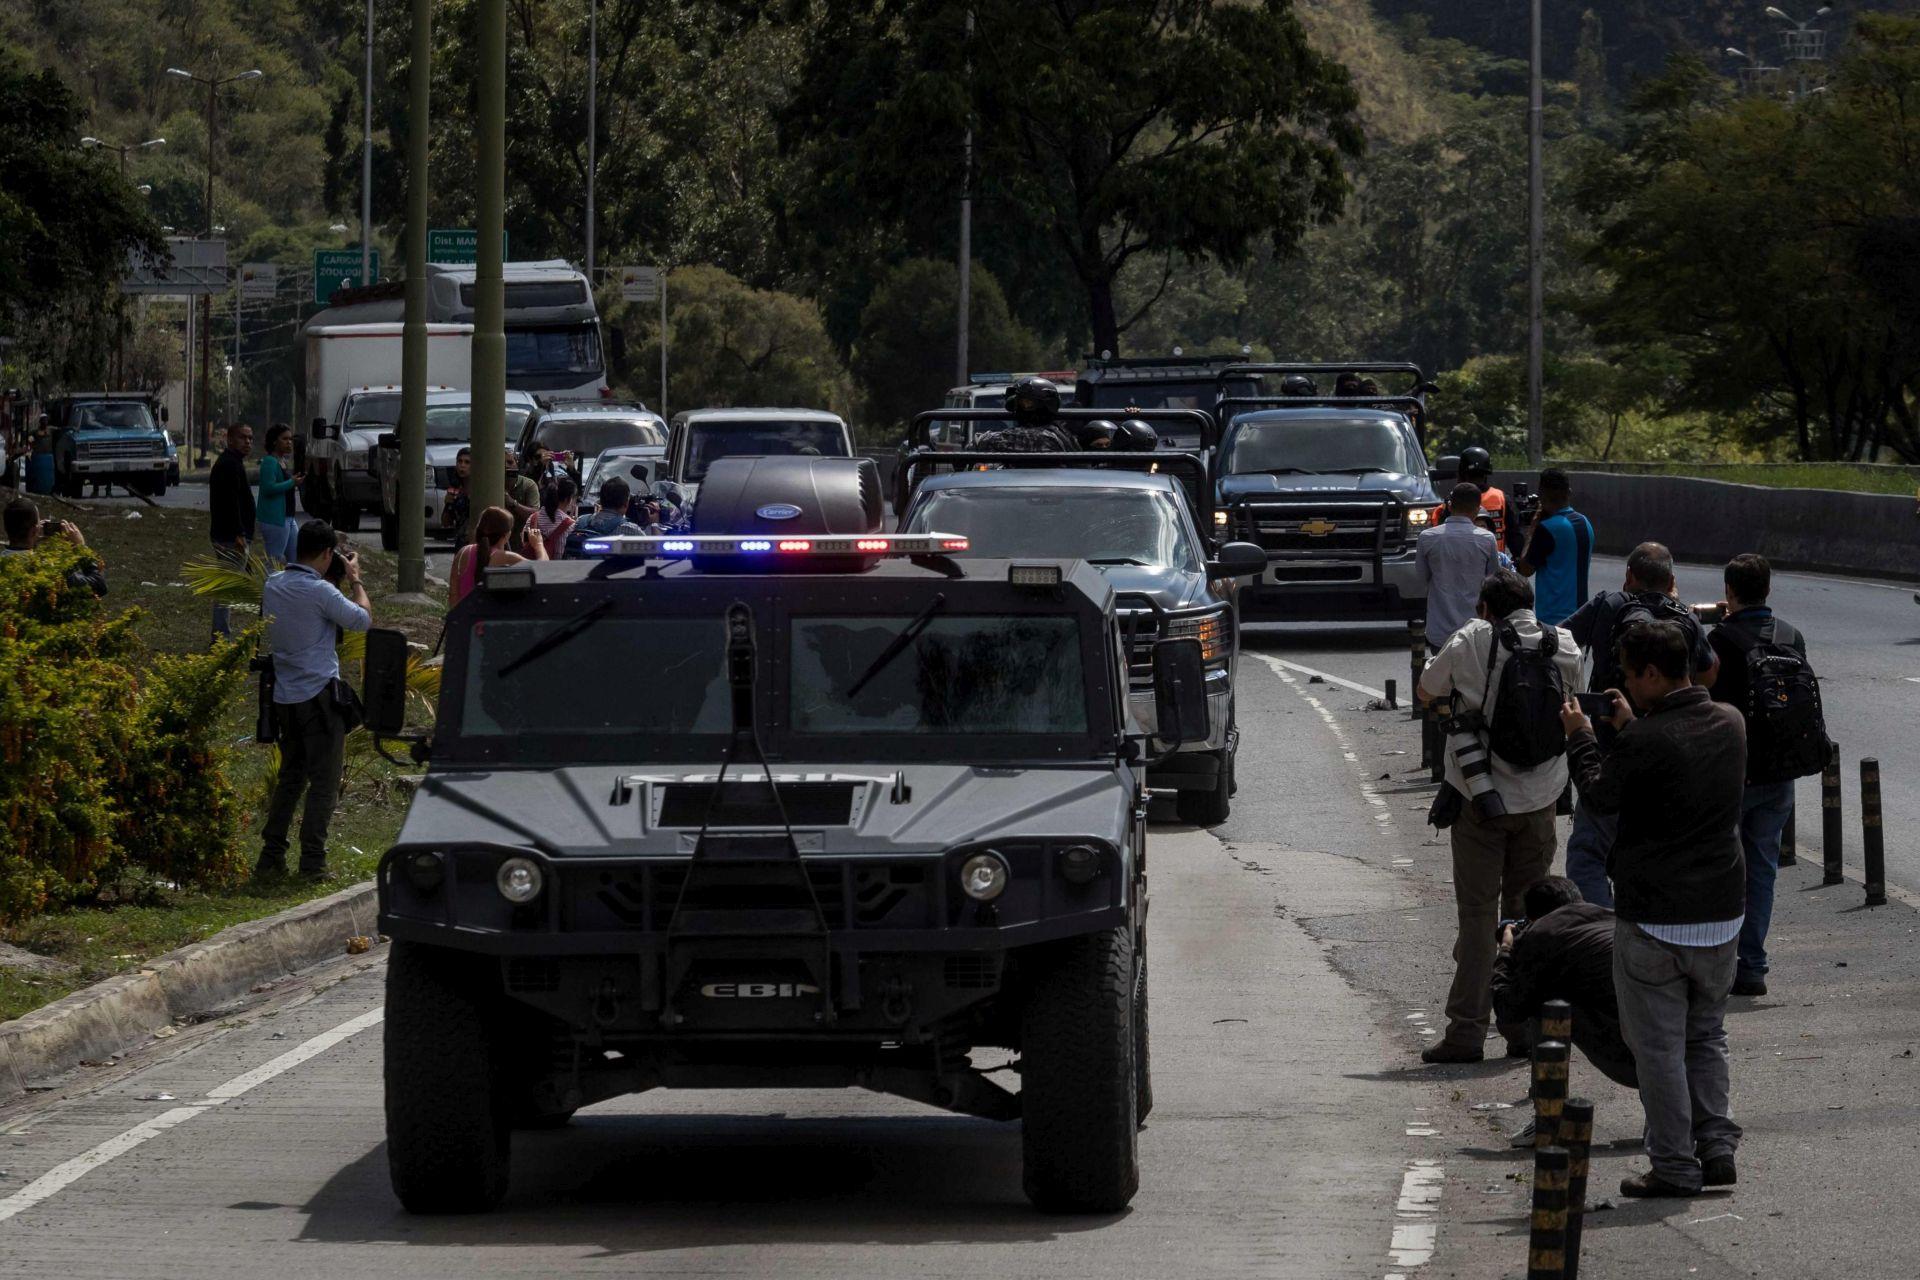 Opet neredi u Venecueli, nekoliki poginulih